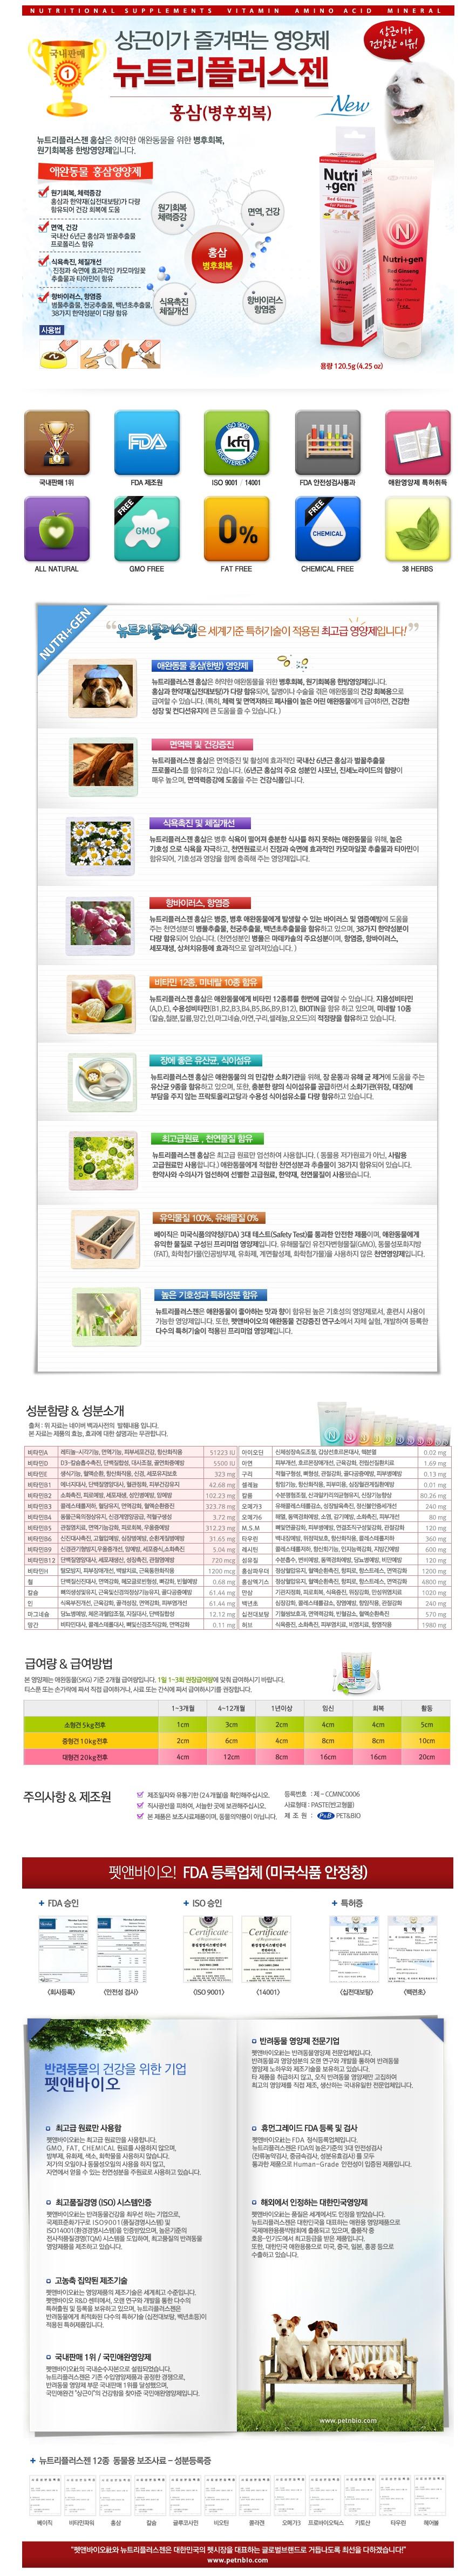 뉴트리플러스젠 홍삼 강아지영양제 120.5g - 뉴트리플러스젠, 9,000원, 간식/영양제, 영양보호제